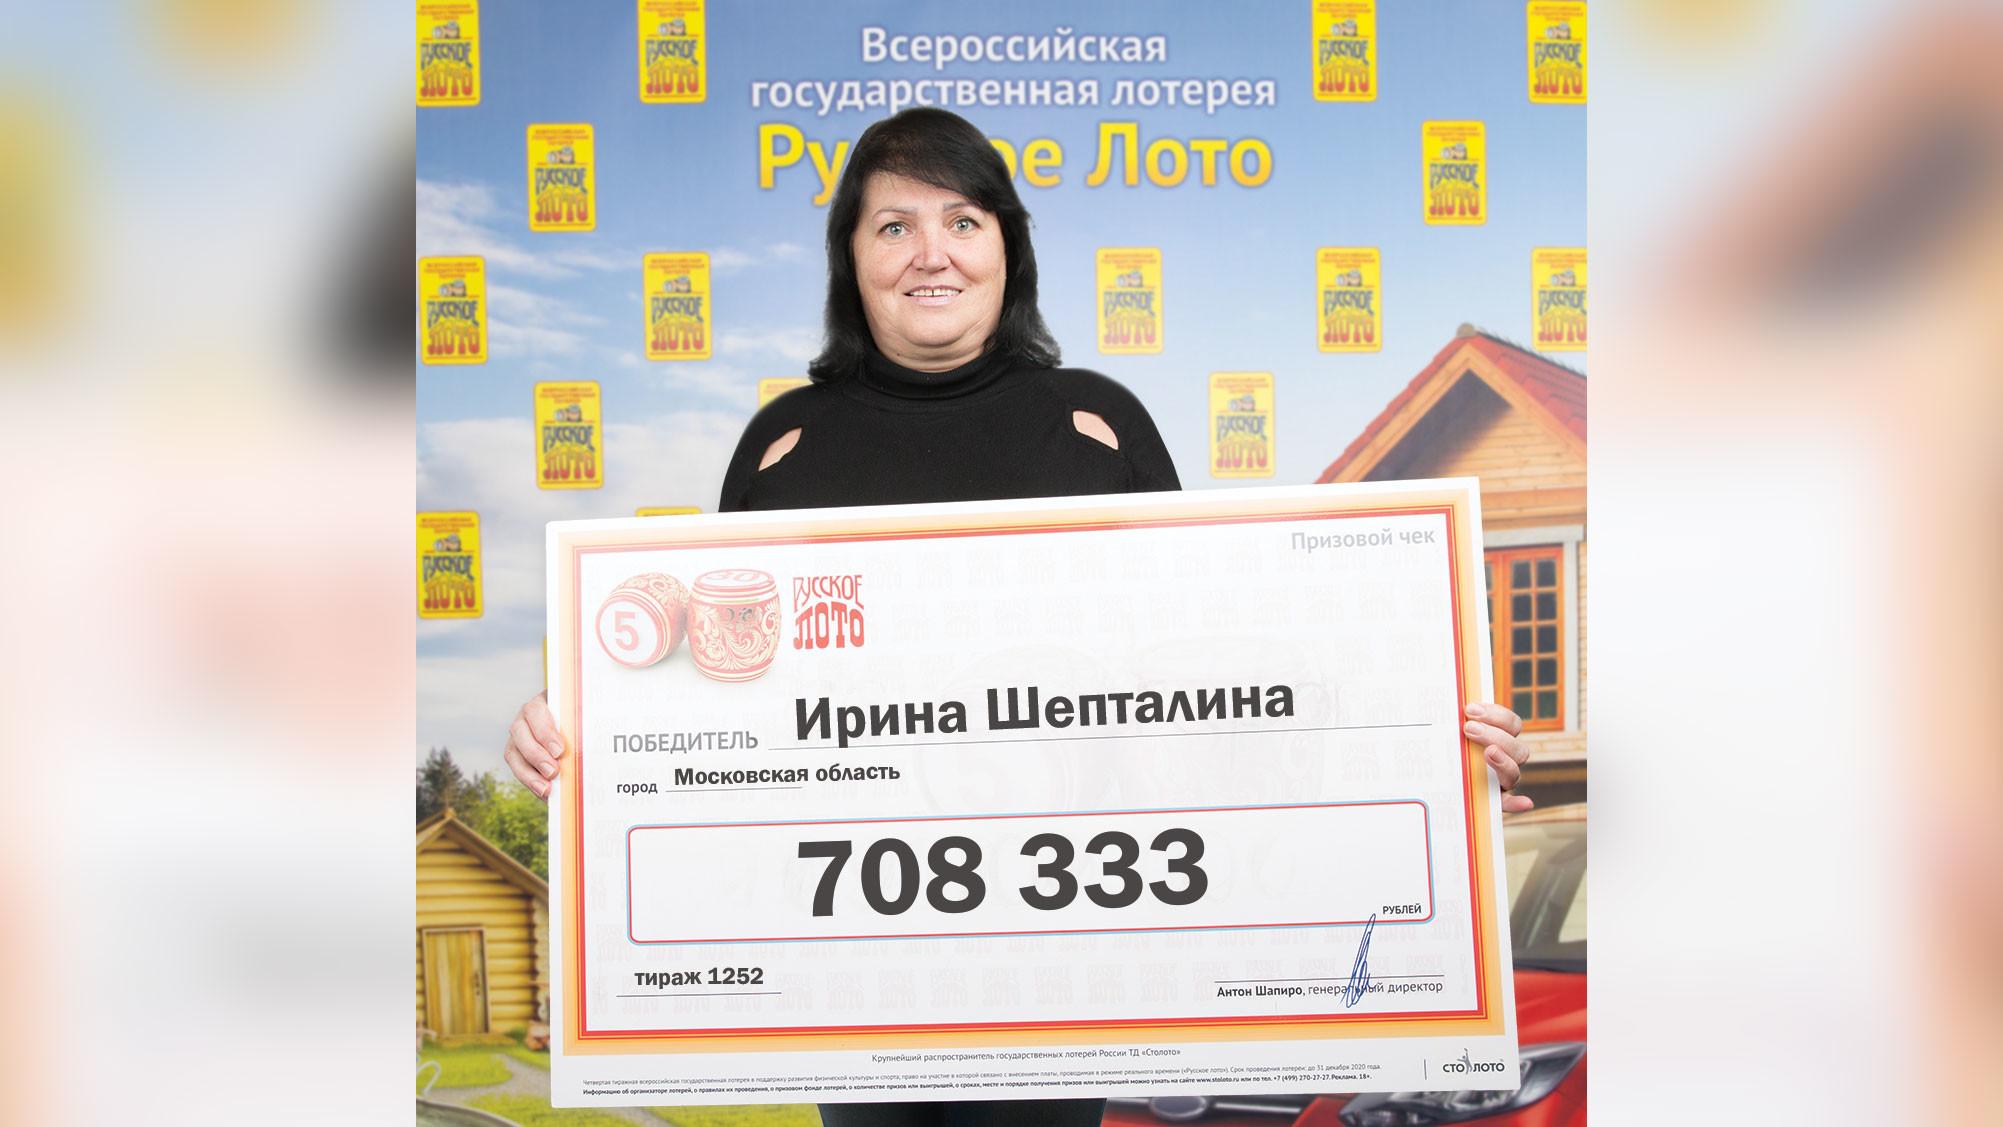 Нумерология выиграть в лотерею крупно